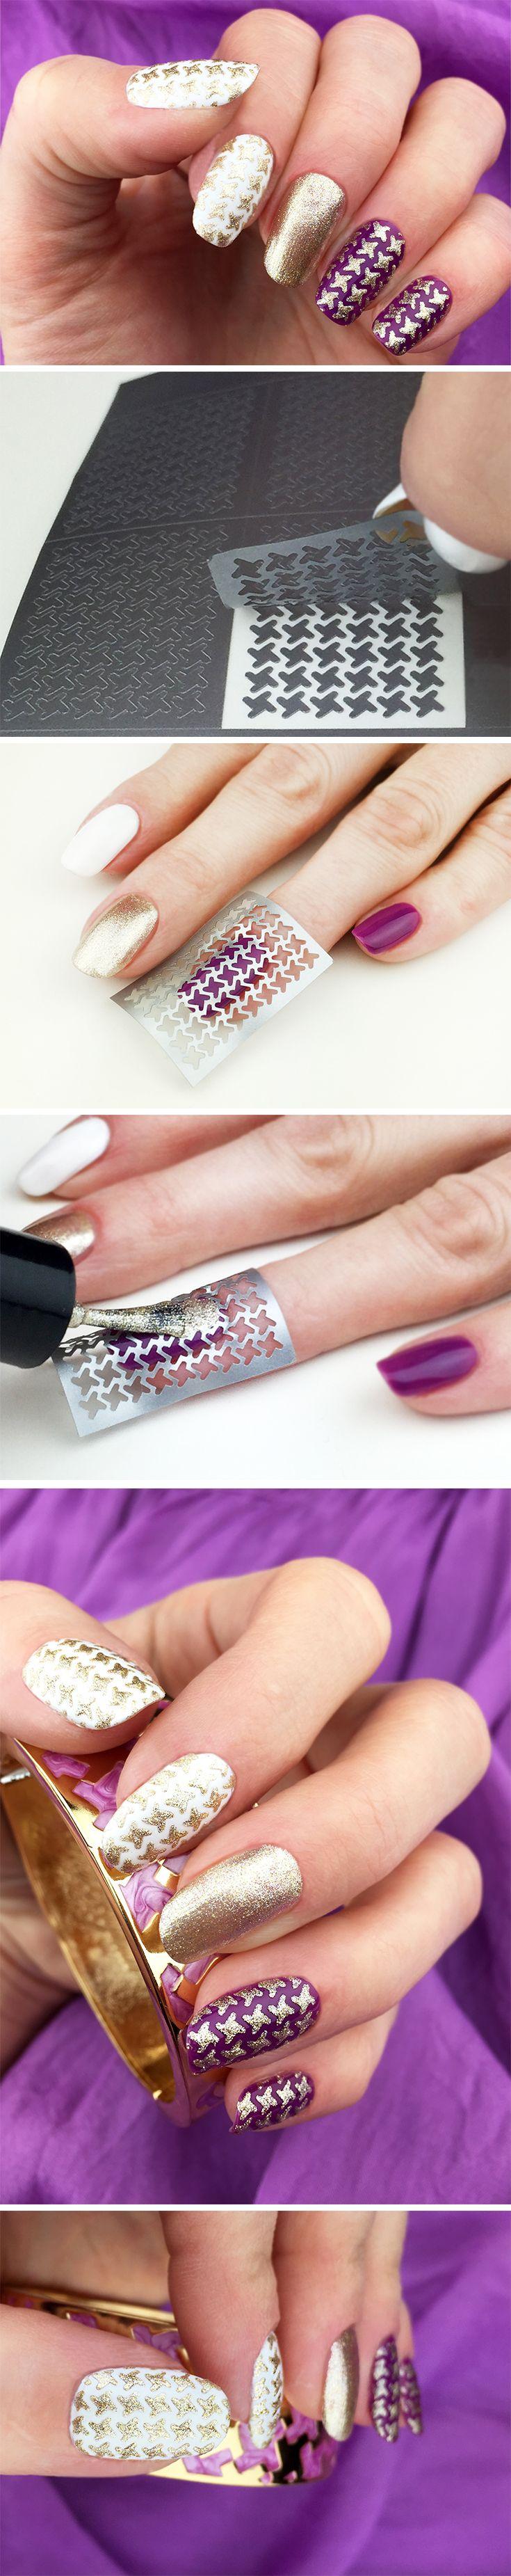 nail stencils ideas